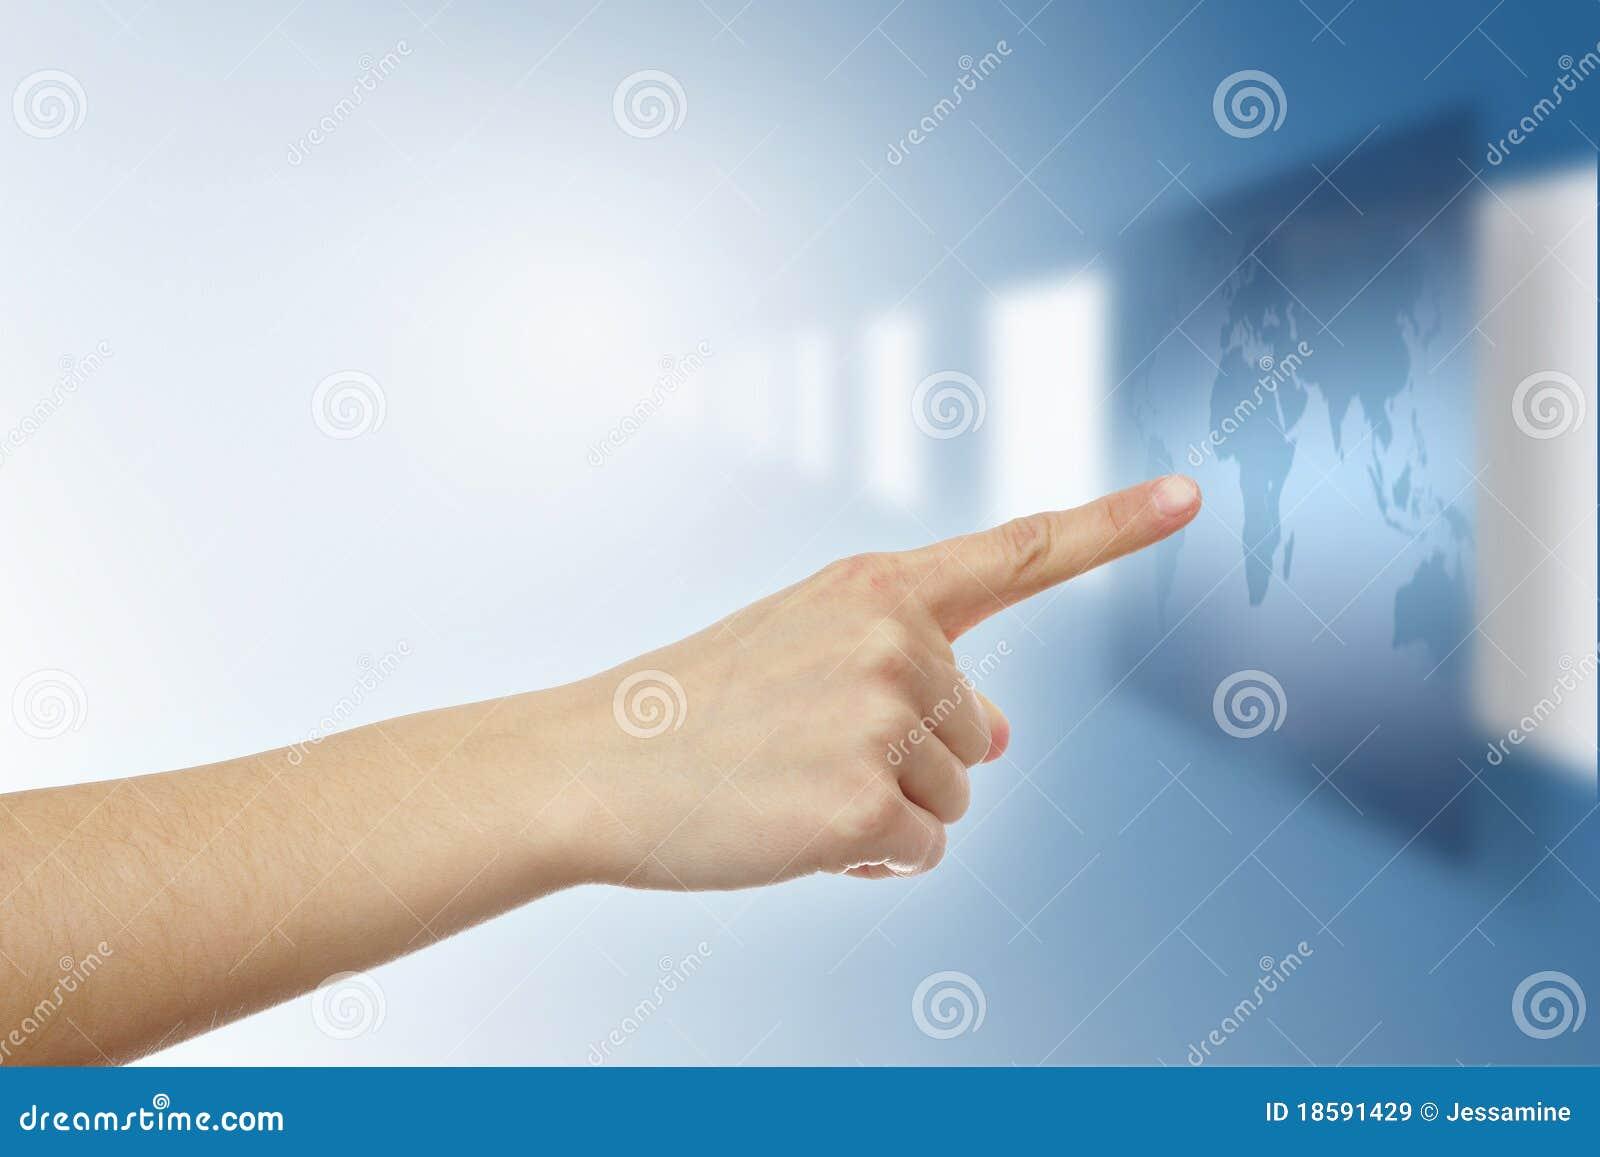 dedo virtual